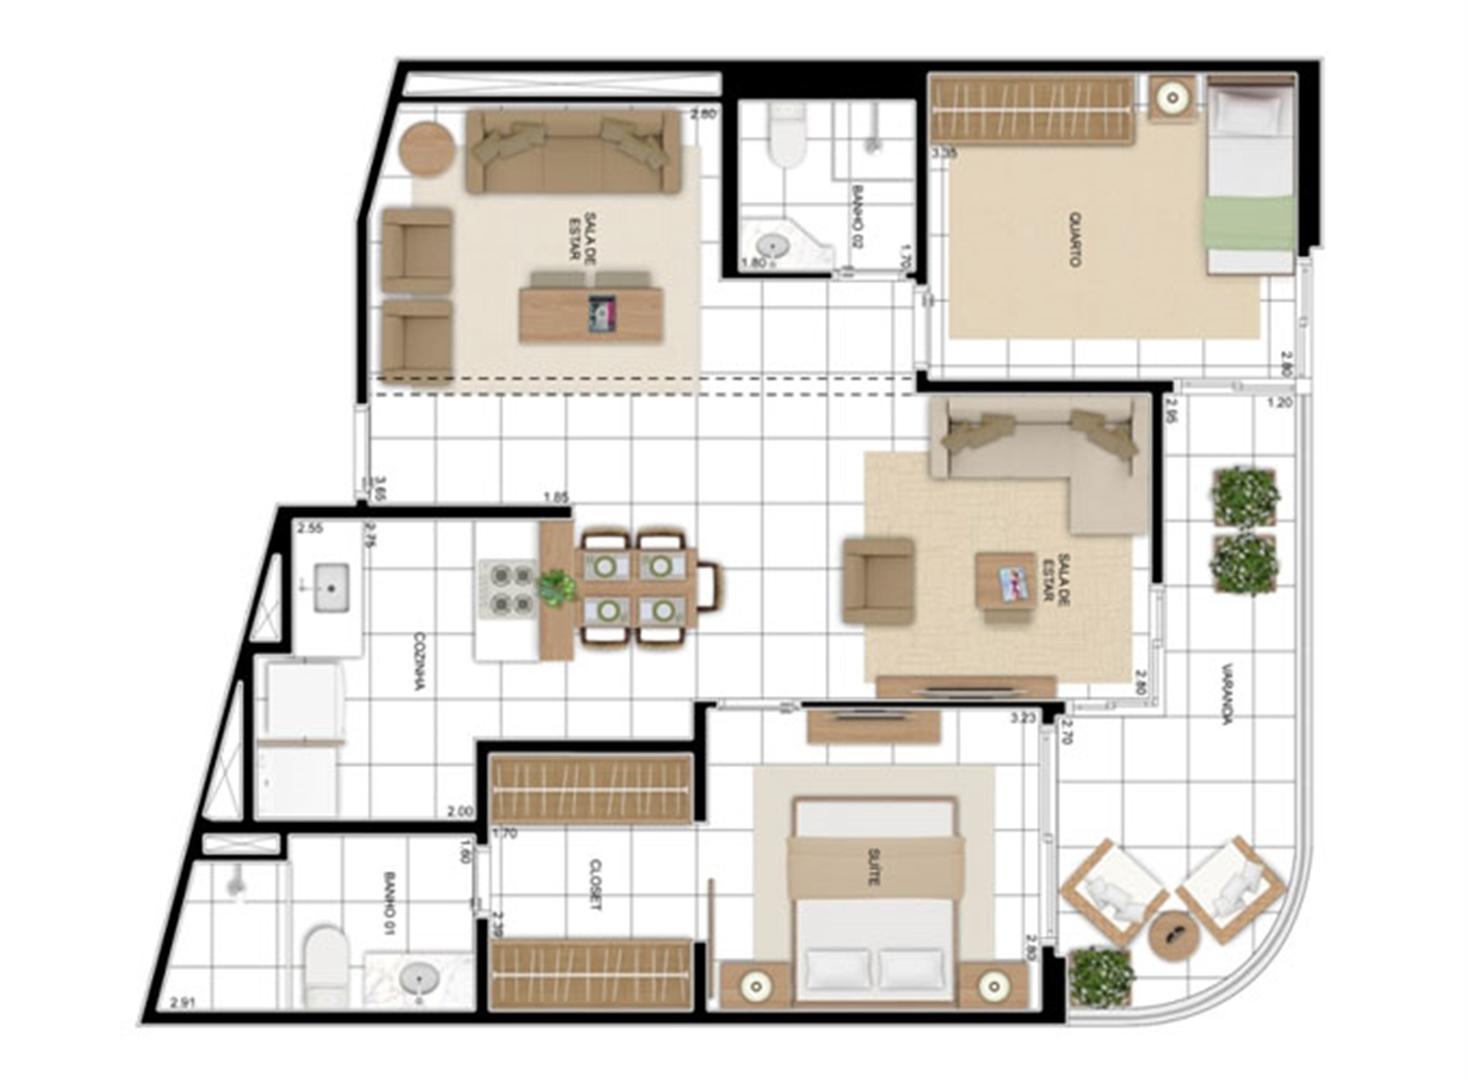 PLANTA - APTO TIPO A - 82 m² - OPÇÃO 02 DORMS COM SUÍTE - KIT BANHO  | In Mare Bali – Apartamento no  Distrito Litoral de Cotovelo - Parnamirim - Rio Grande do Norte